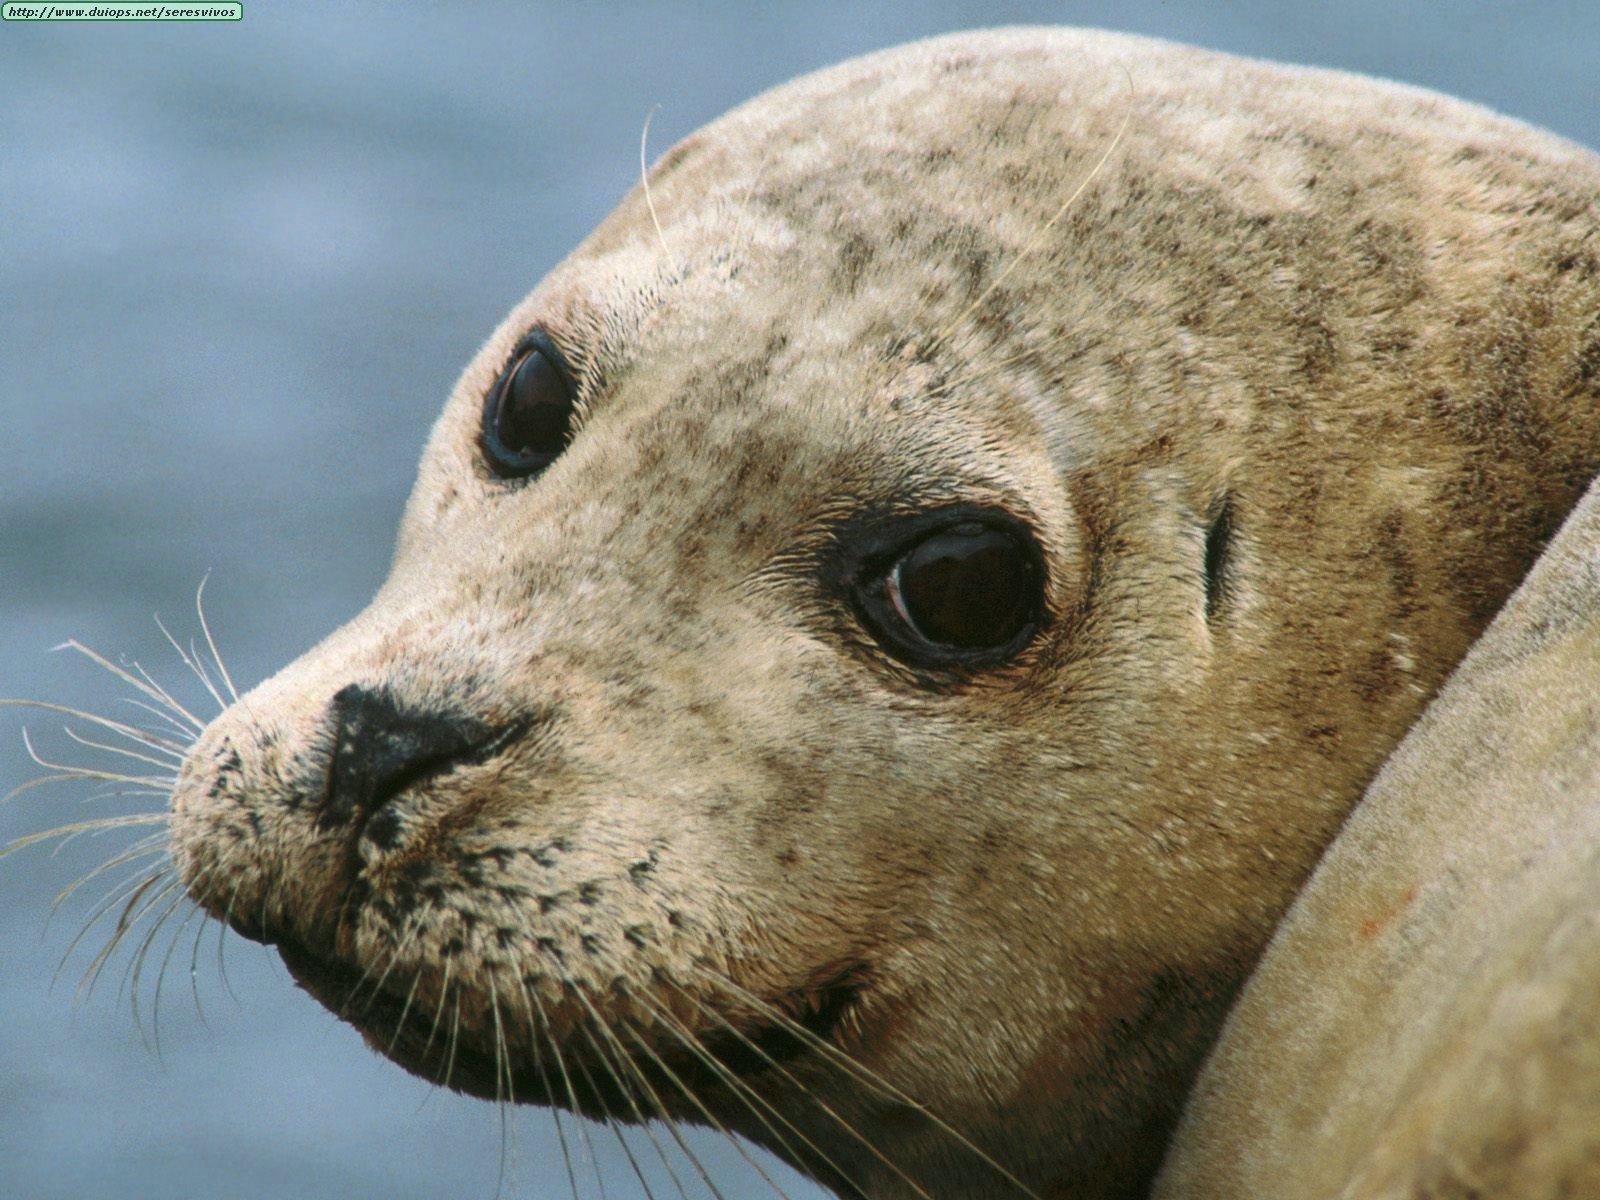 С мордами собак. животные. Подборка фотографий морских котиков